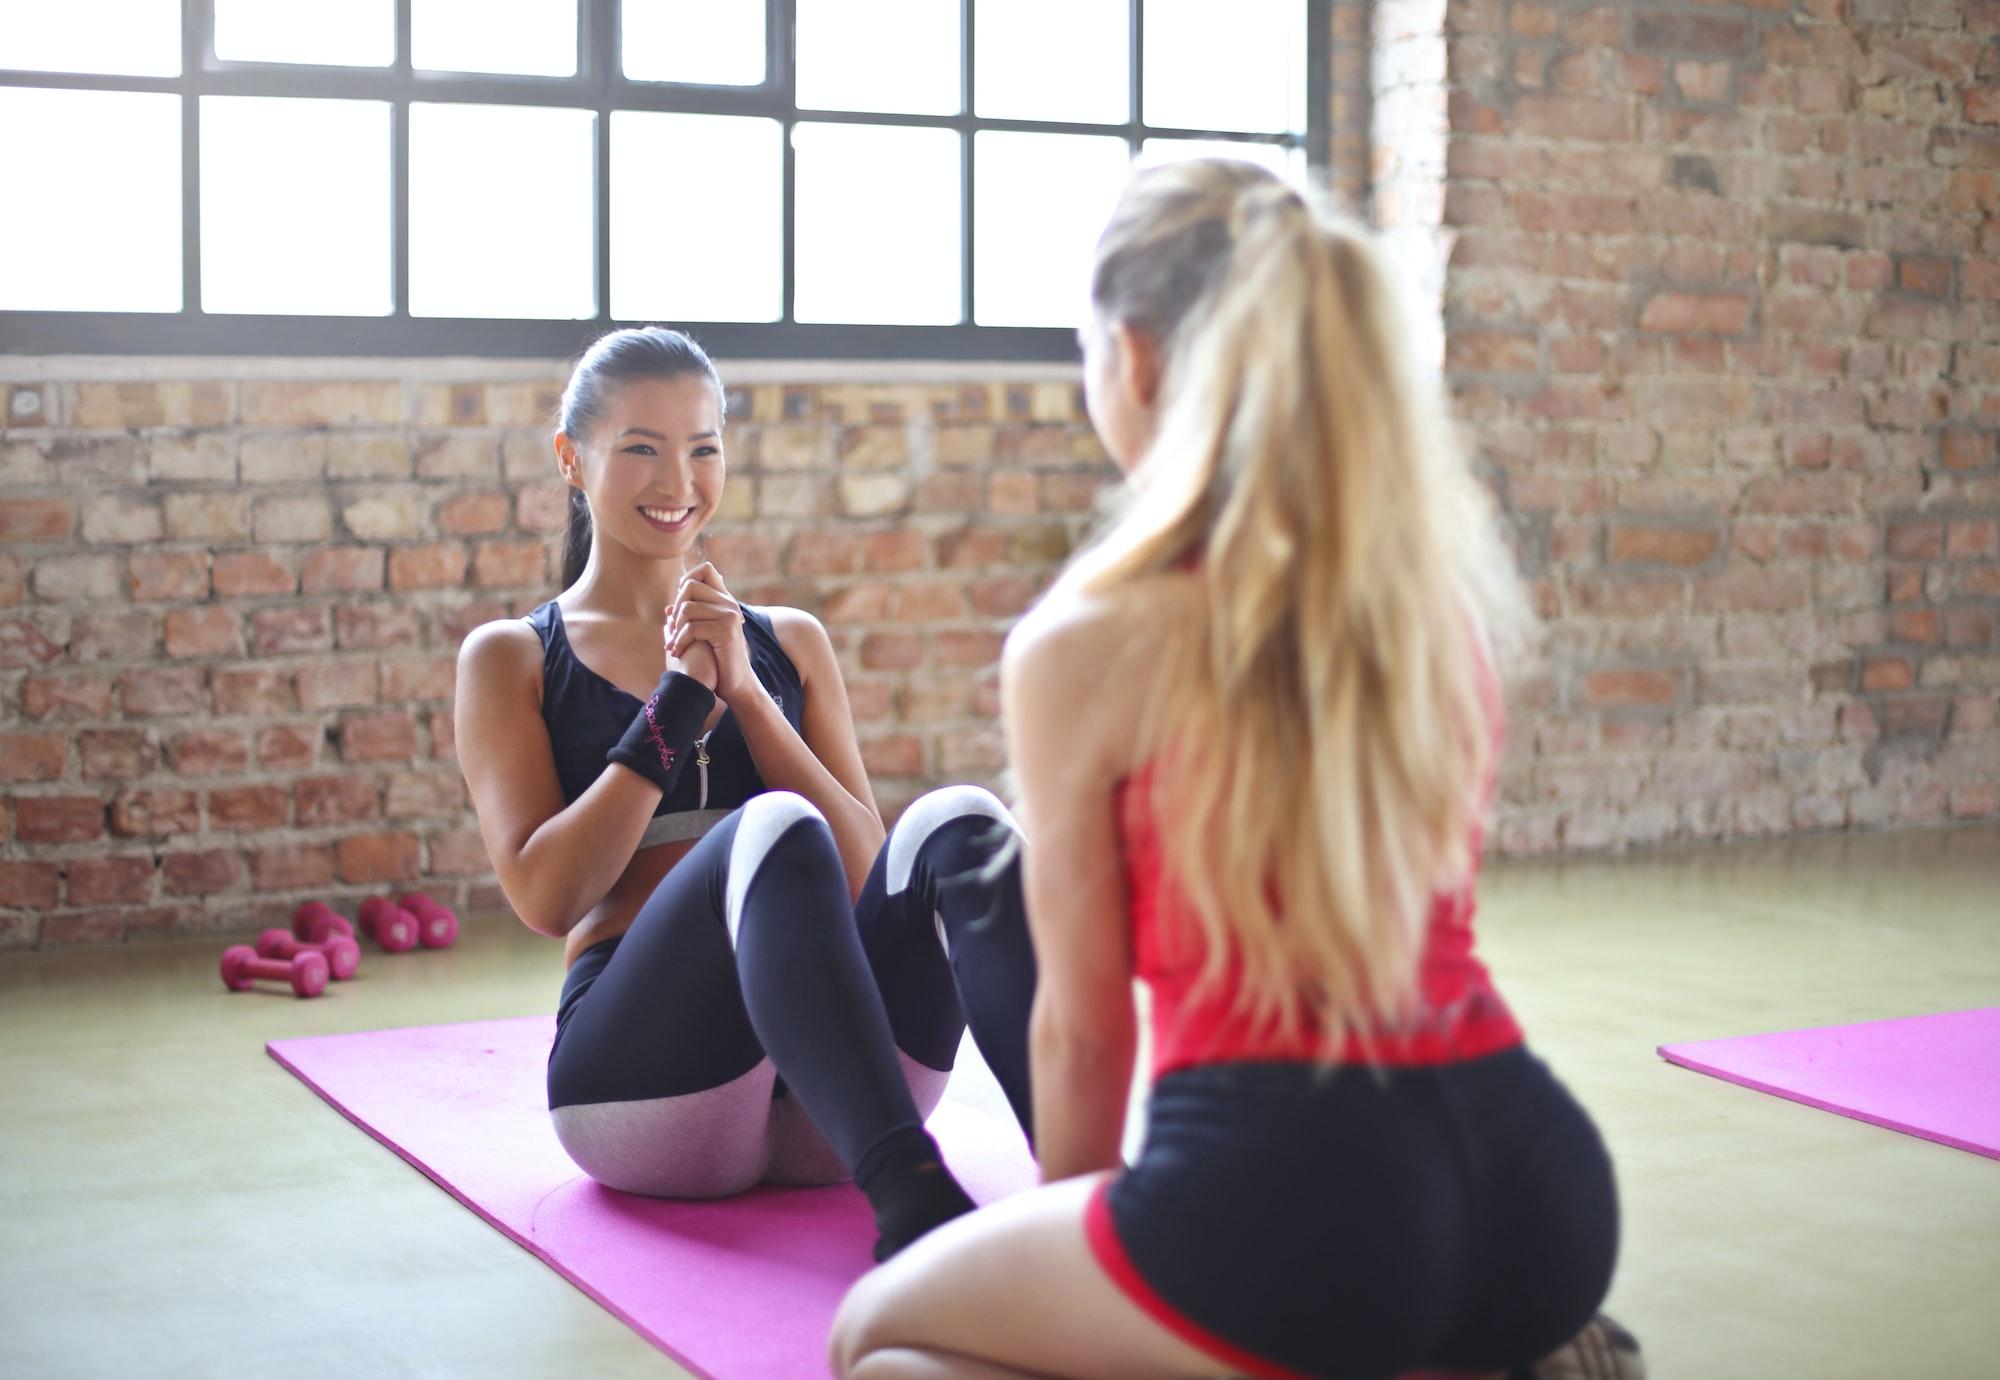 Comment préparer son cours de Yoga à destination d'élèves débutants ?